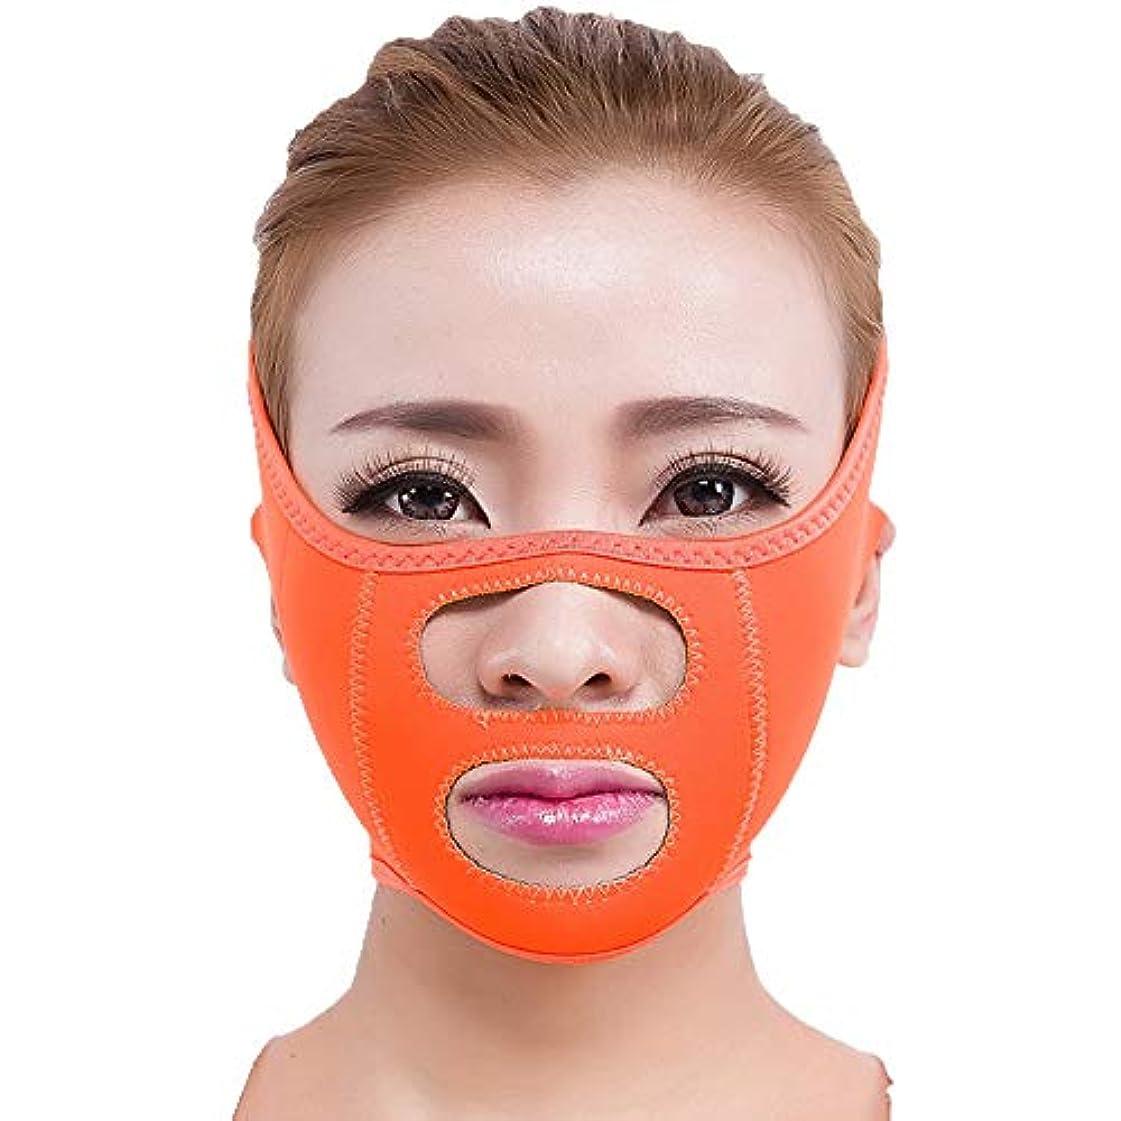 バッグ類推つかむ二重顎の圧力低下装置、睡眠薄い顔のベルト小さなvの顔の器械の包帯マスク持ち上げる顔のステッカー,Orange